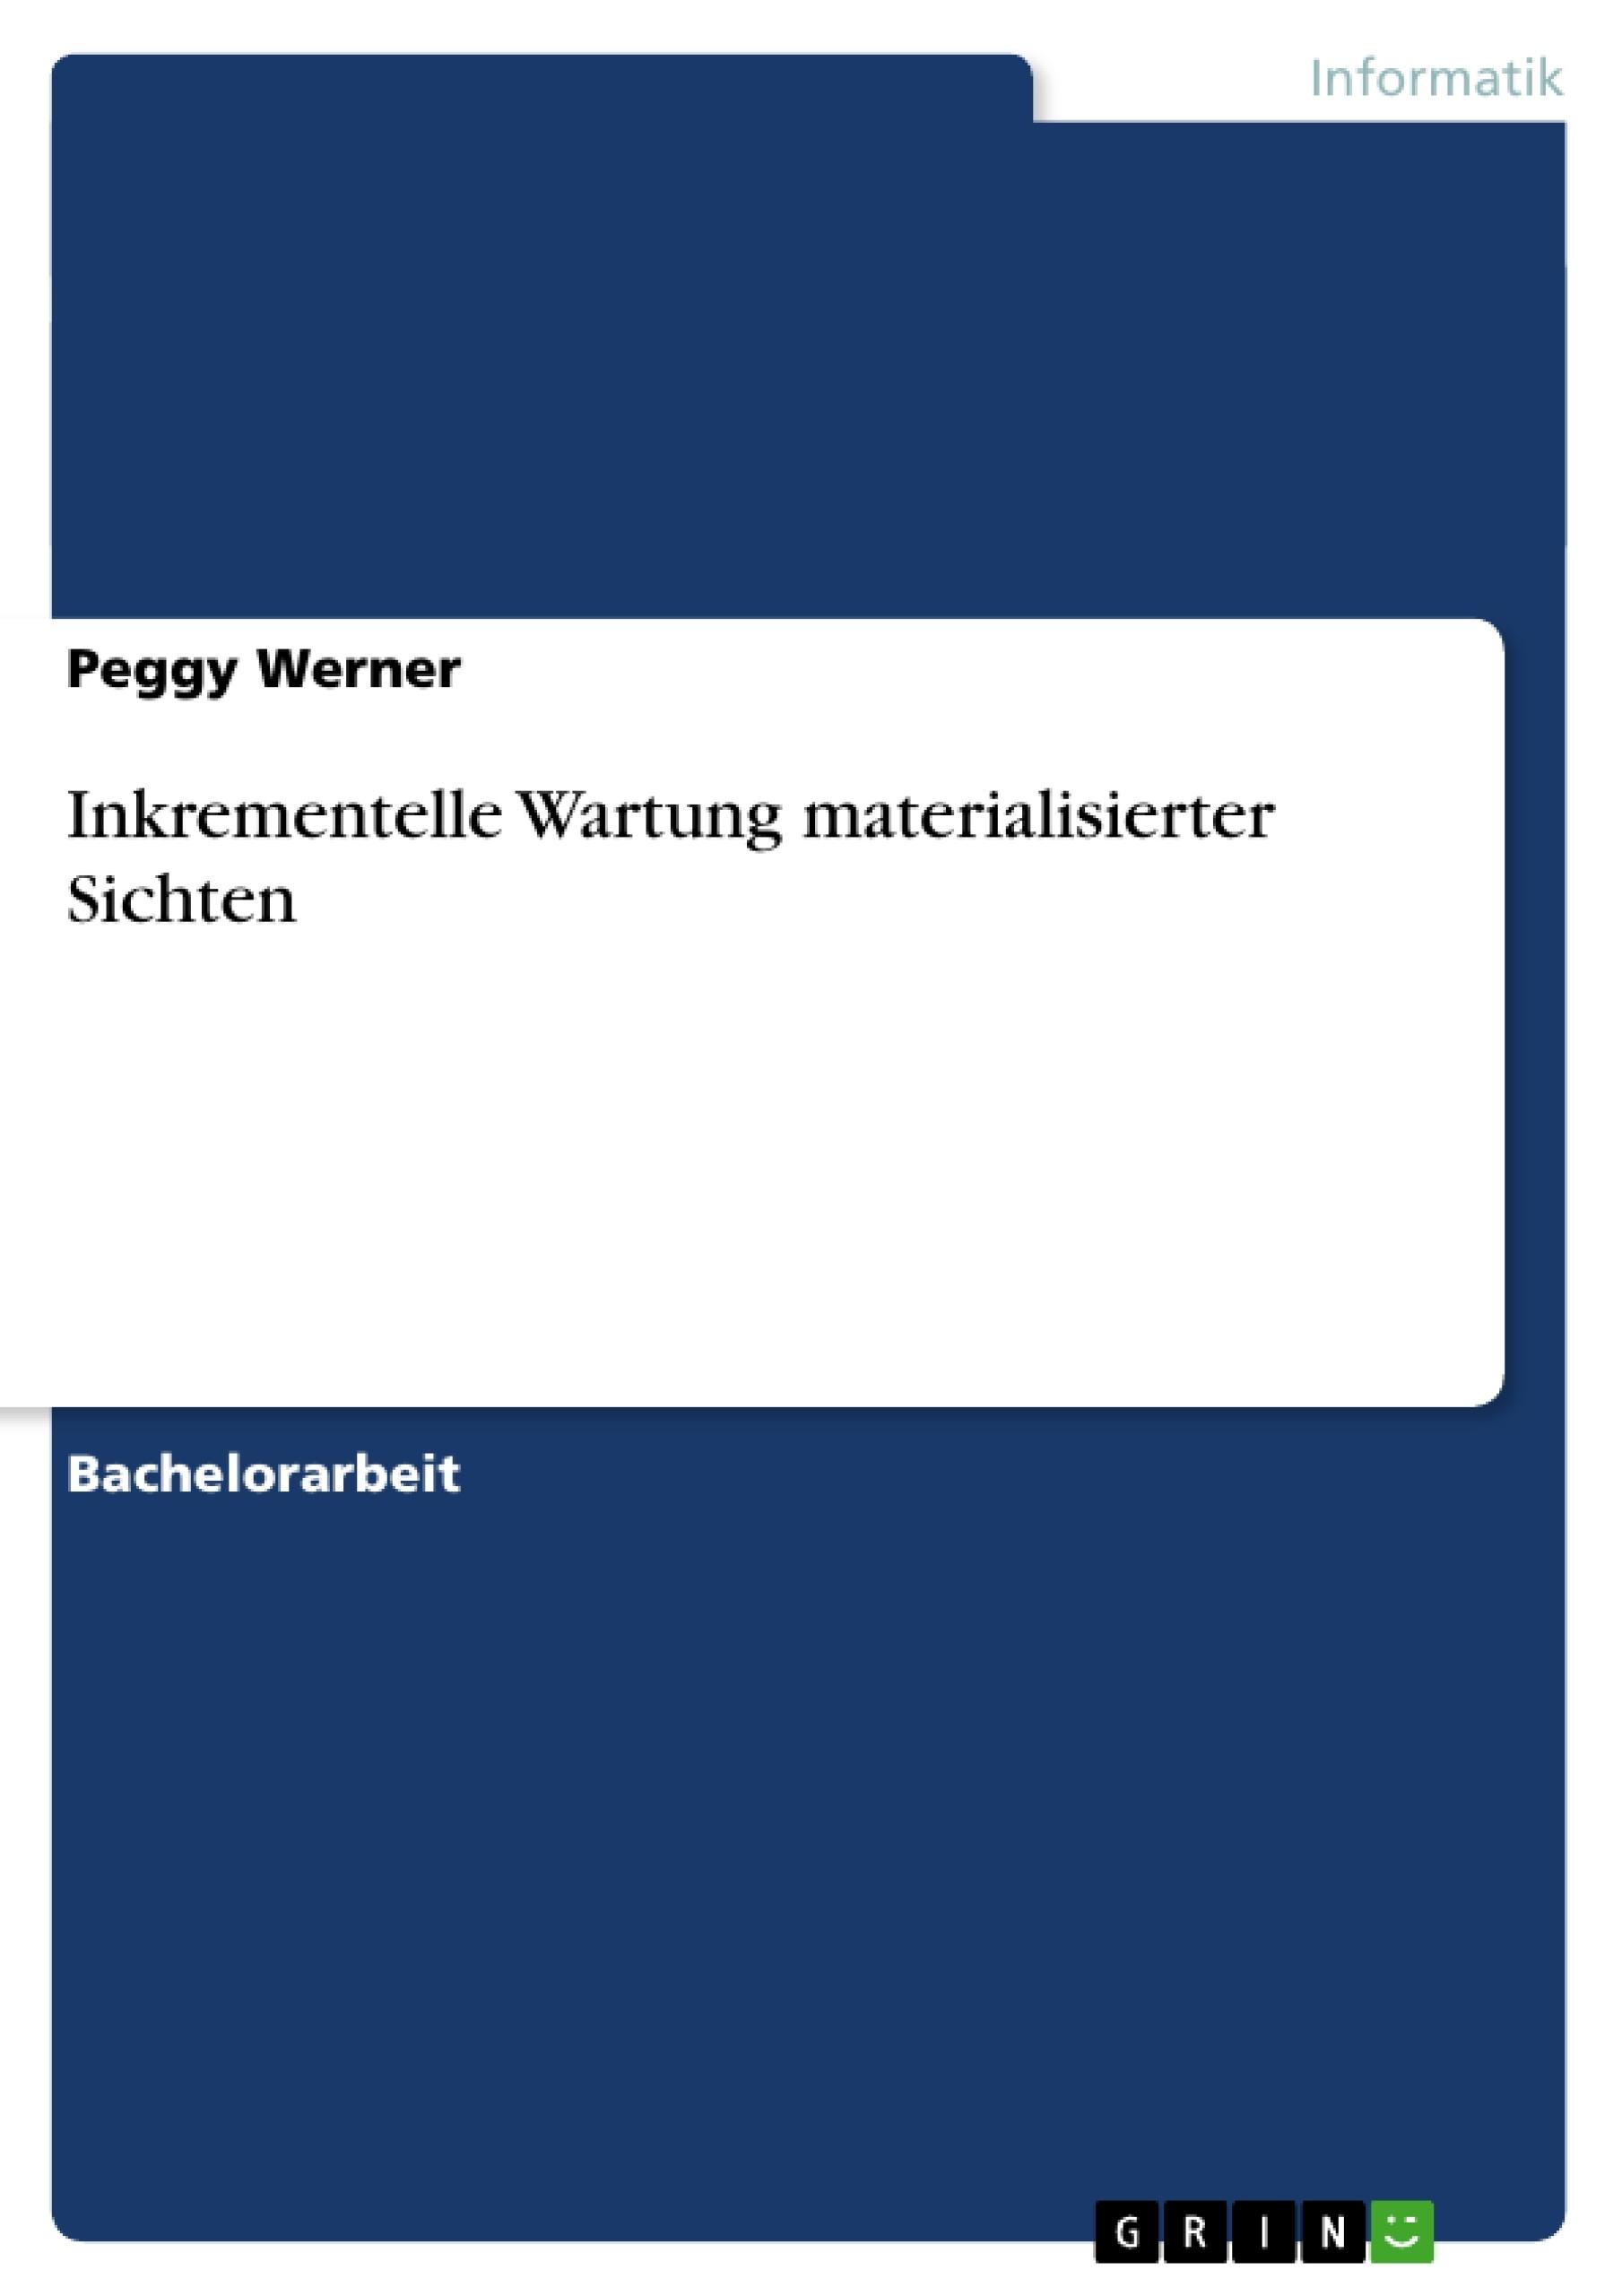 Titel: Inkrementelle Wartung materialisierter Sichten